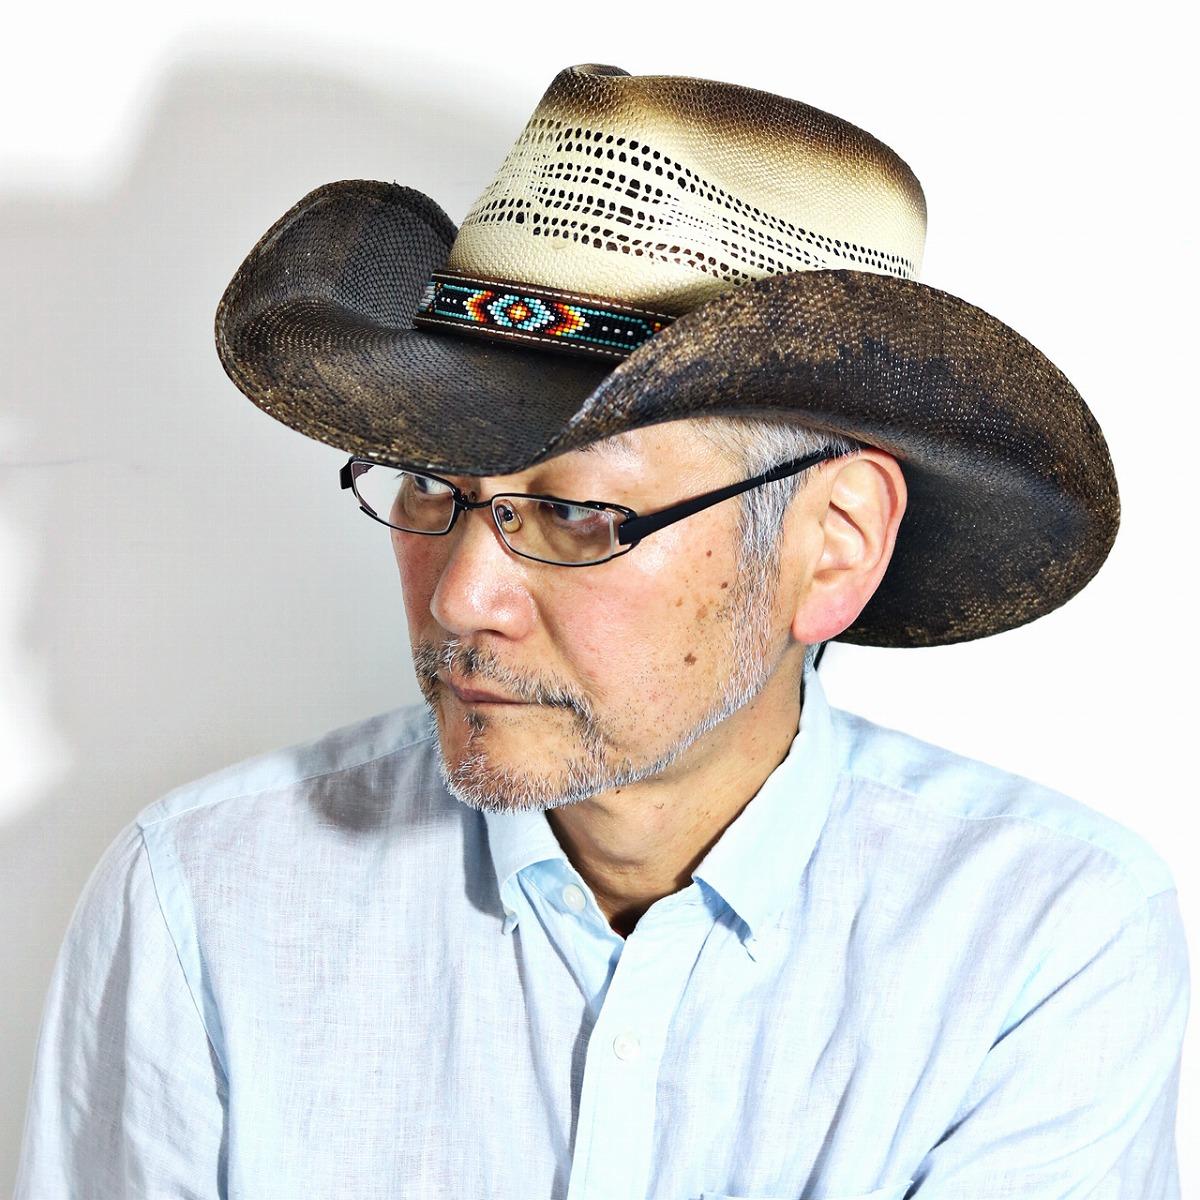 ストローハット メンズ エスニック 帽子 日除け テンガロン California Hat Company Inc. カウボーイ ハット 春夏 ウエスタン カリフォルニアハット 麦わら帽子 ワイドブリム インポート ナチュラル [ cowboy hat ] [ straw hat ] 父の日 ギフト プレゼント